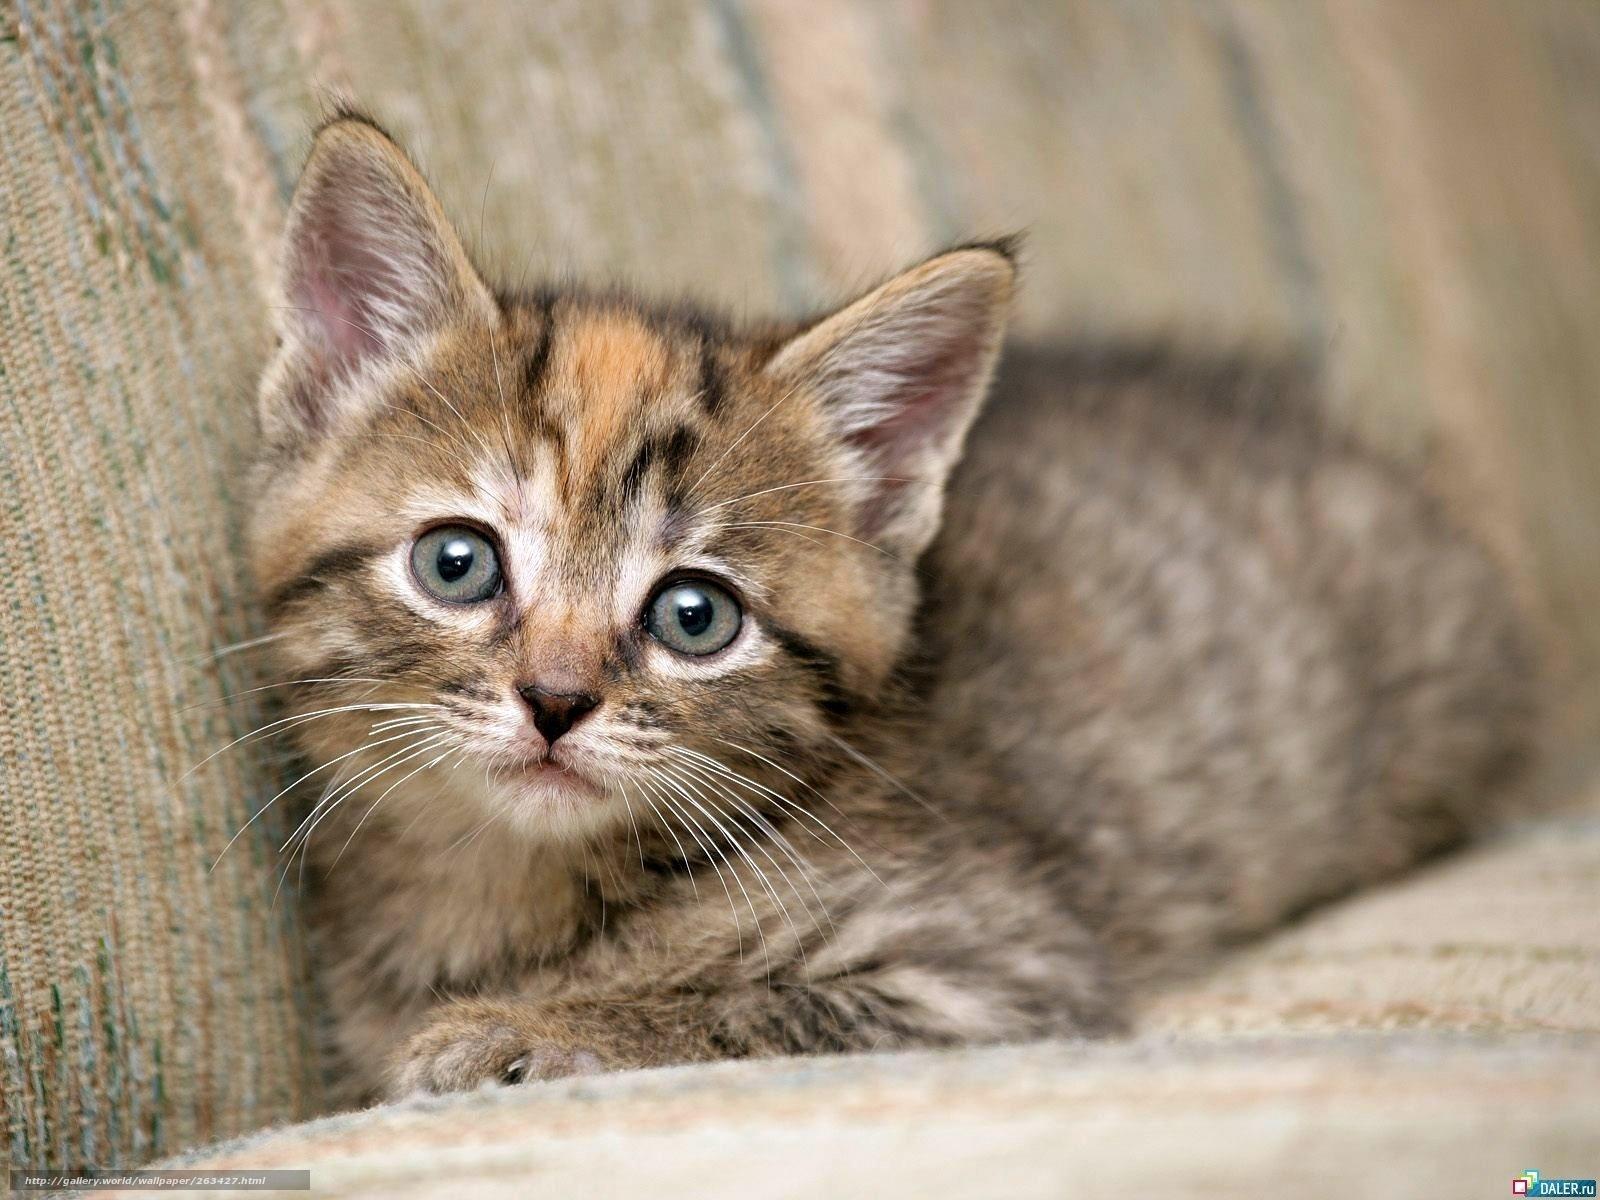 Scaricare gli sfondi gattino gatti micio sfondi gratis for Gatti sfondi desktop gratis